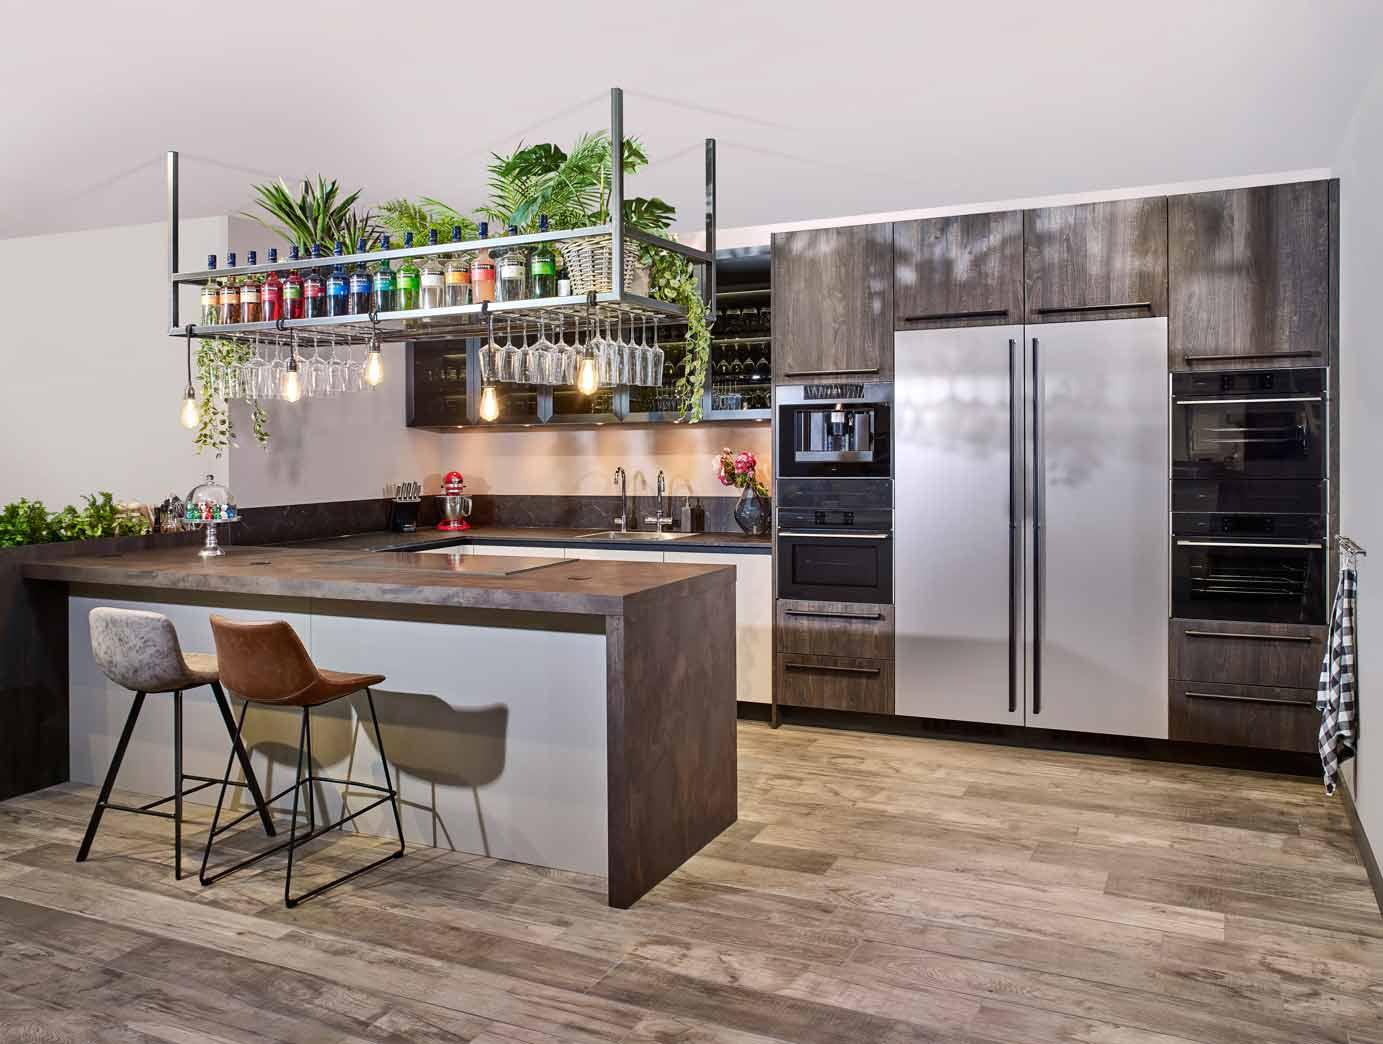 Keuken Bar Schiereiland : Spirit keukens van boekweit keukens in eemnes